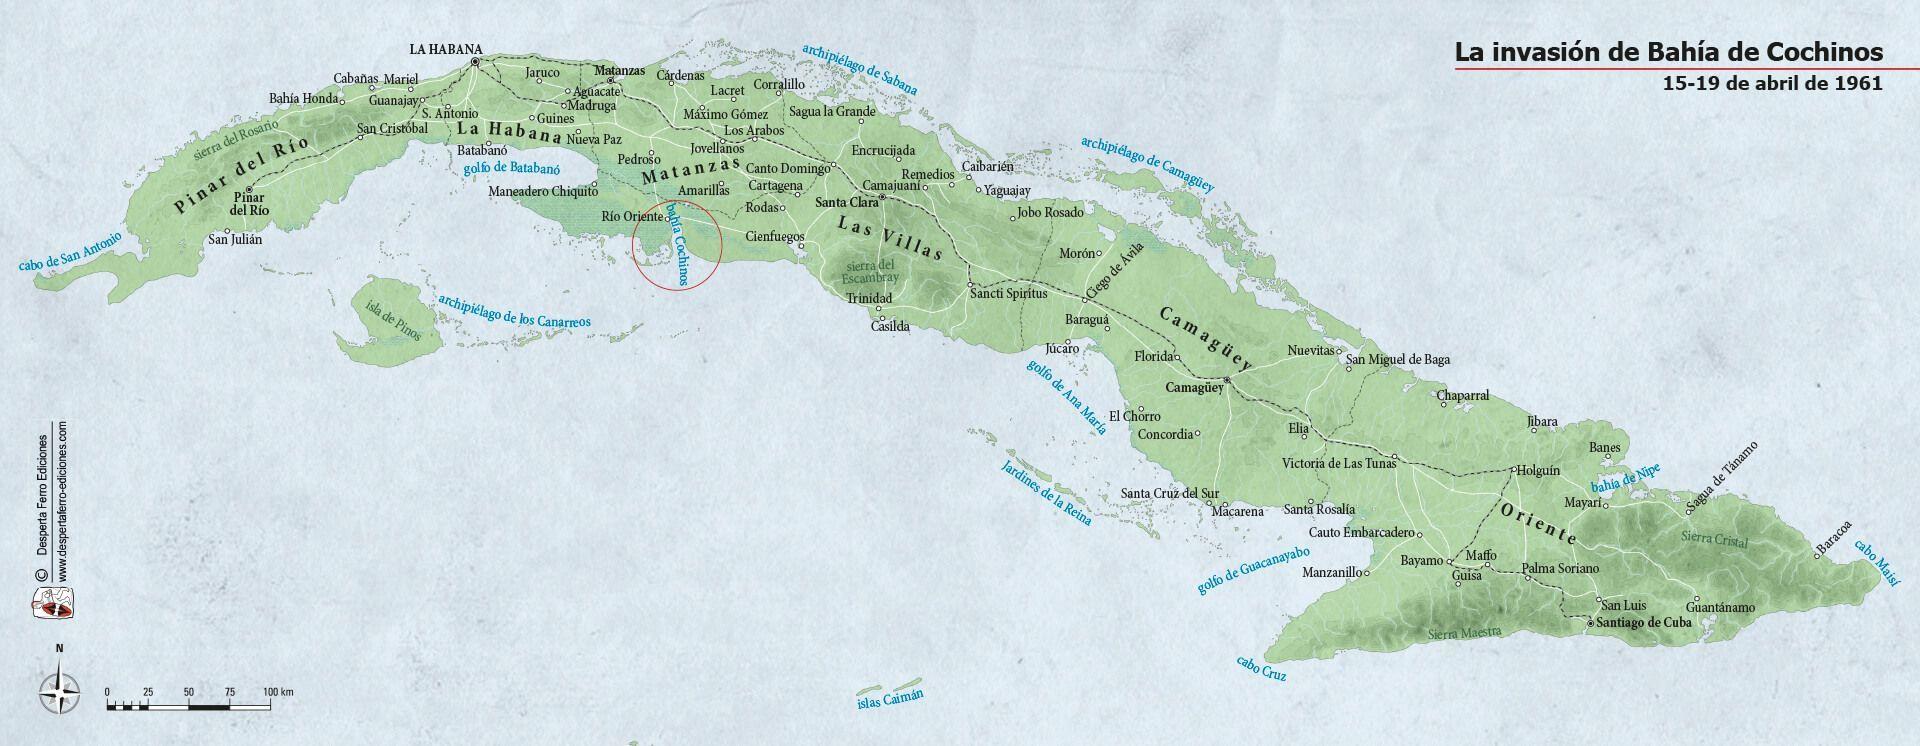 Mapa Cuba Bahía de cochinos